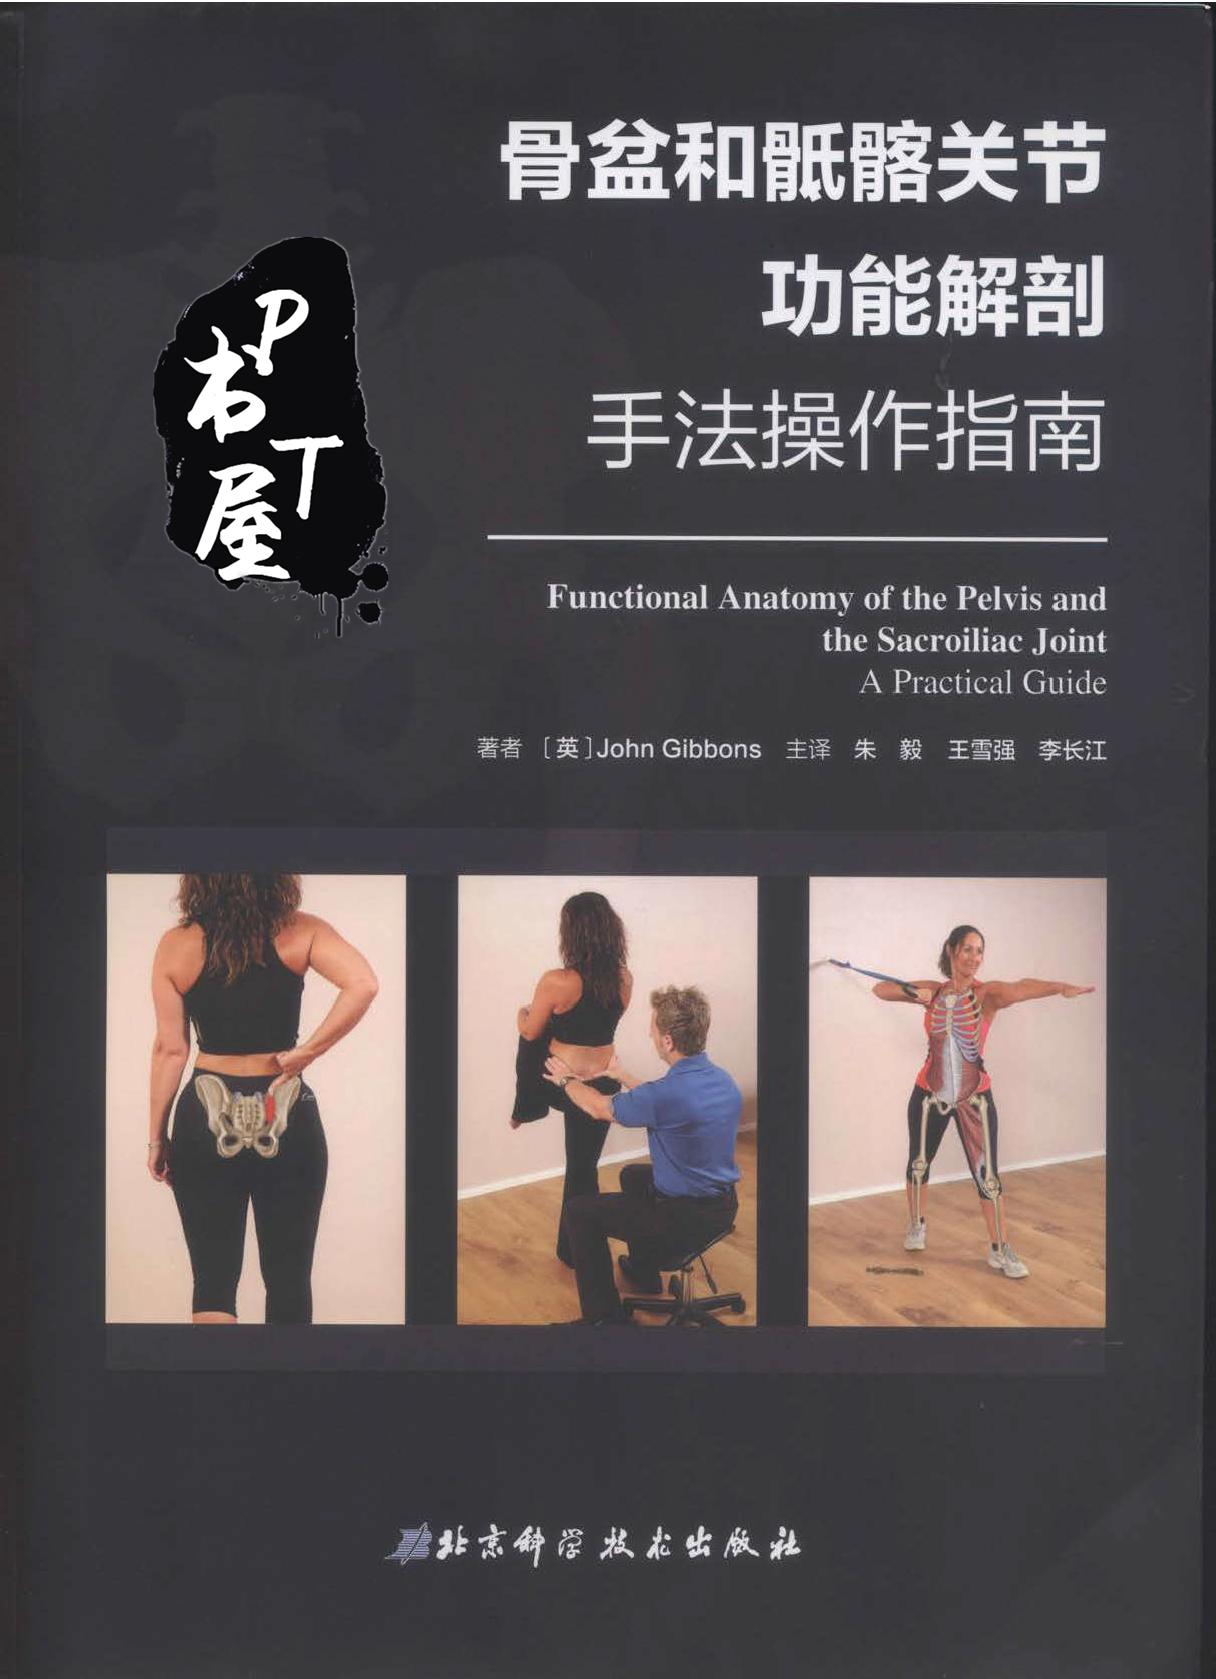 骨盆和骶髂关节功能解剖—手法操作指南 Book Cover